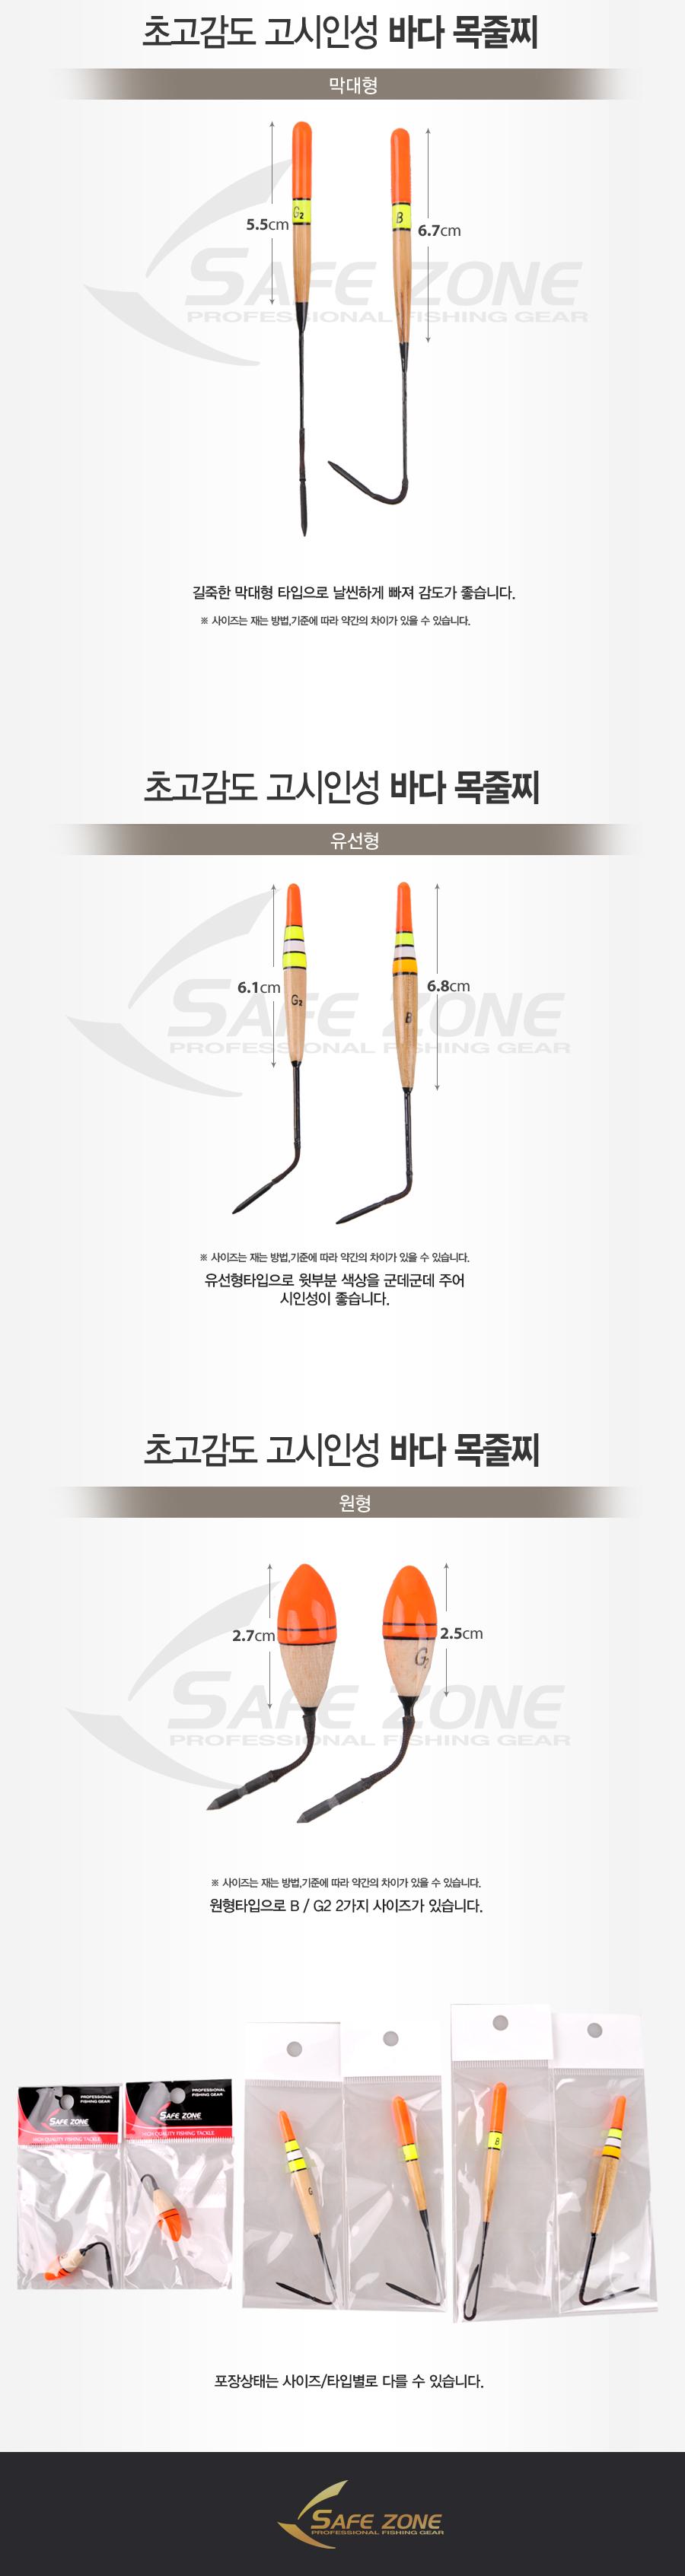 KLF 고시인성 바다 목줄찌 3종 [막대형/유선형/원형]